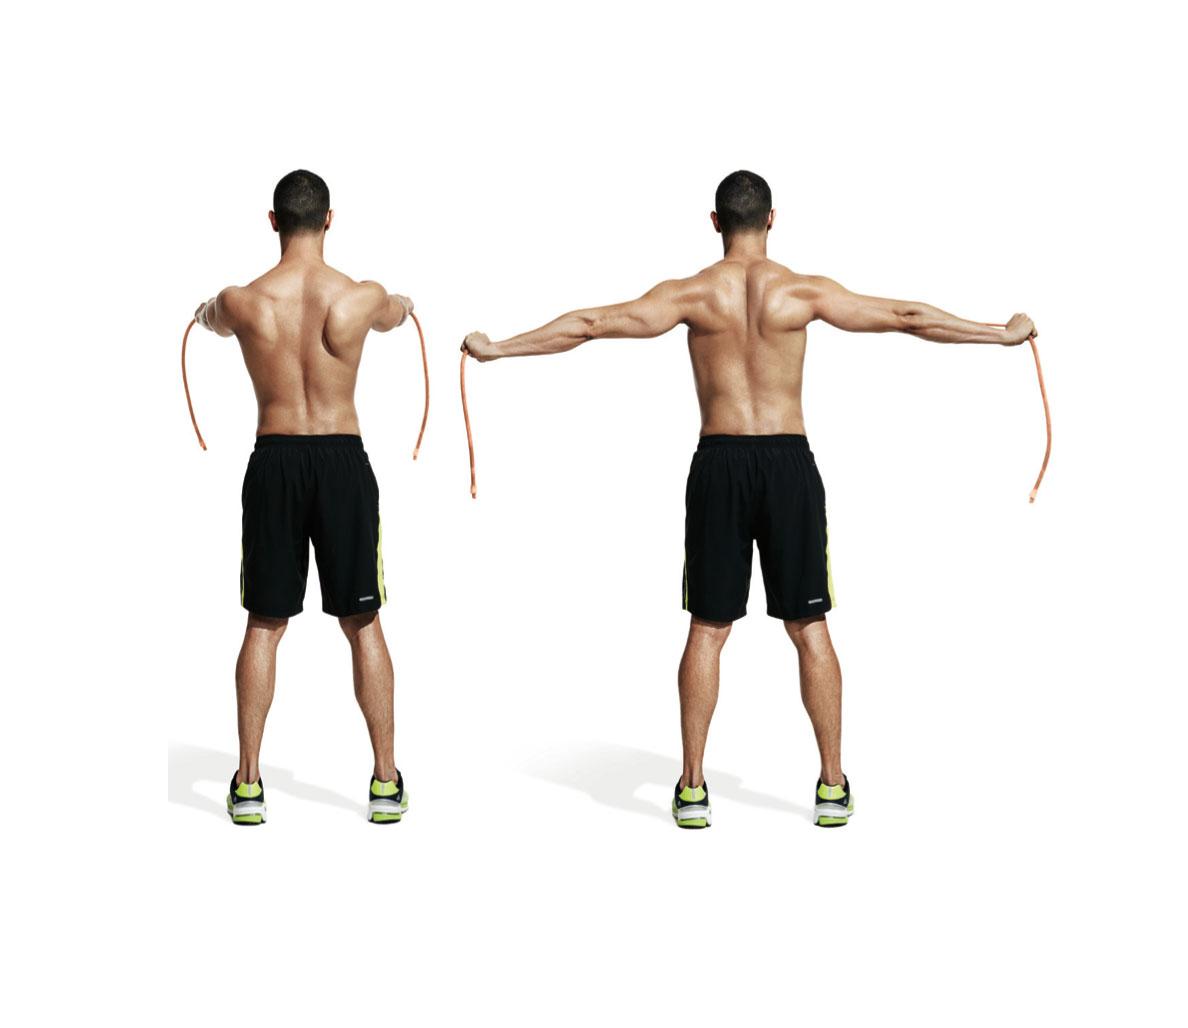 Упражнения с резинками на грудь